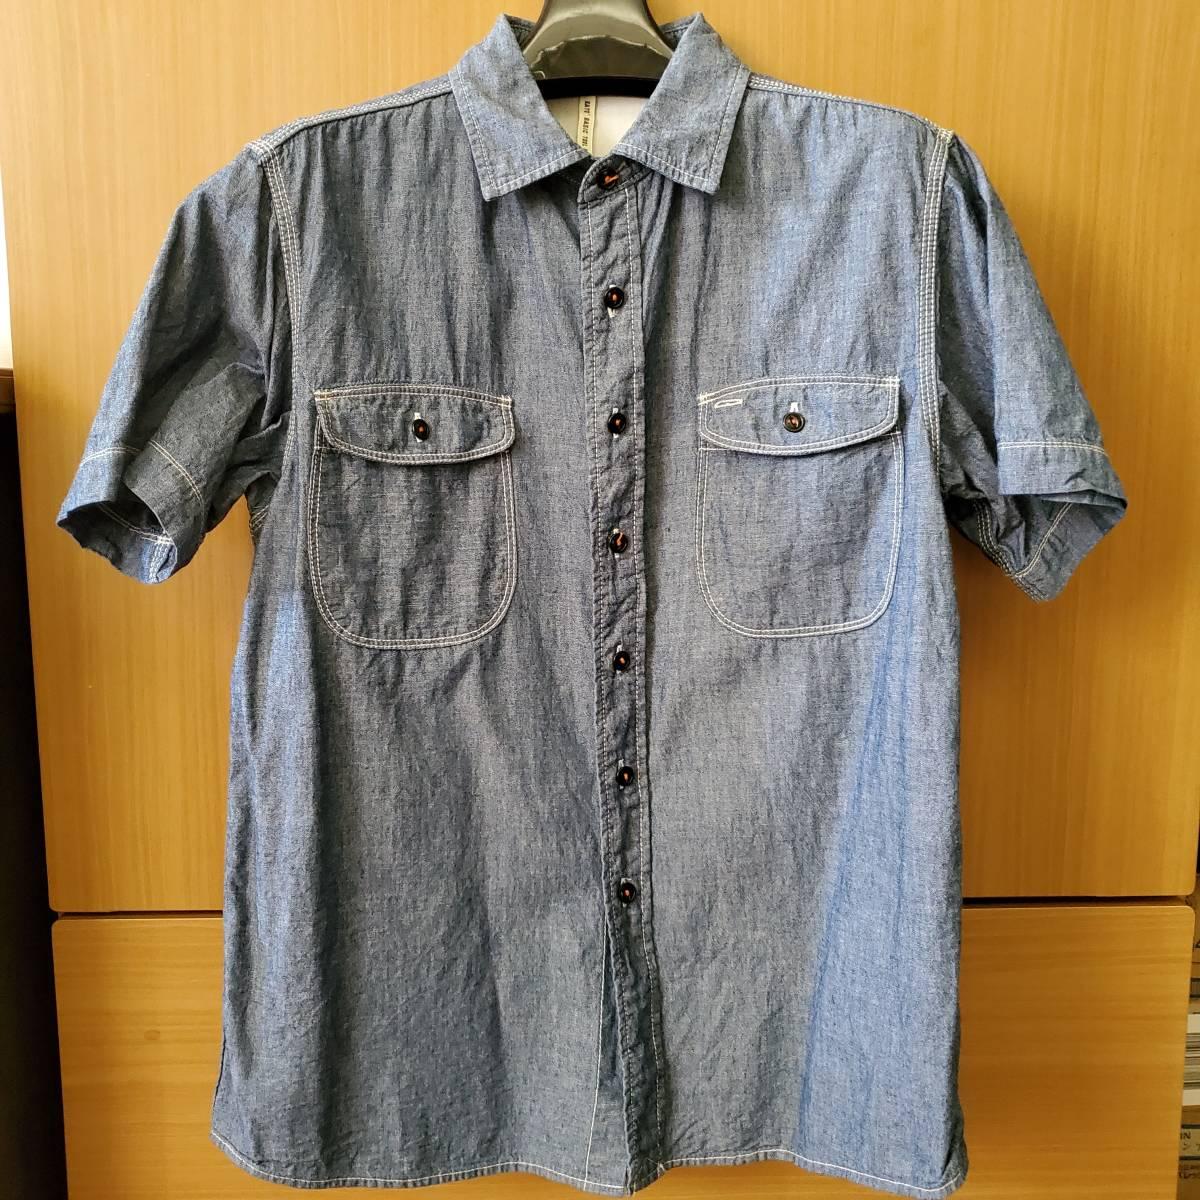 KATO BASIC 半袖 シャンブレー ワークシャツ ONE WASH サイズM カトー